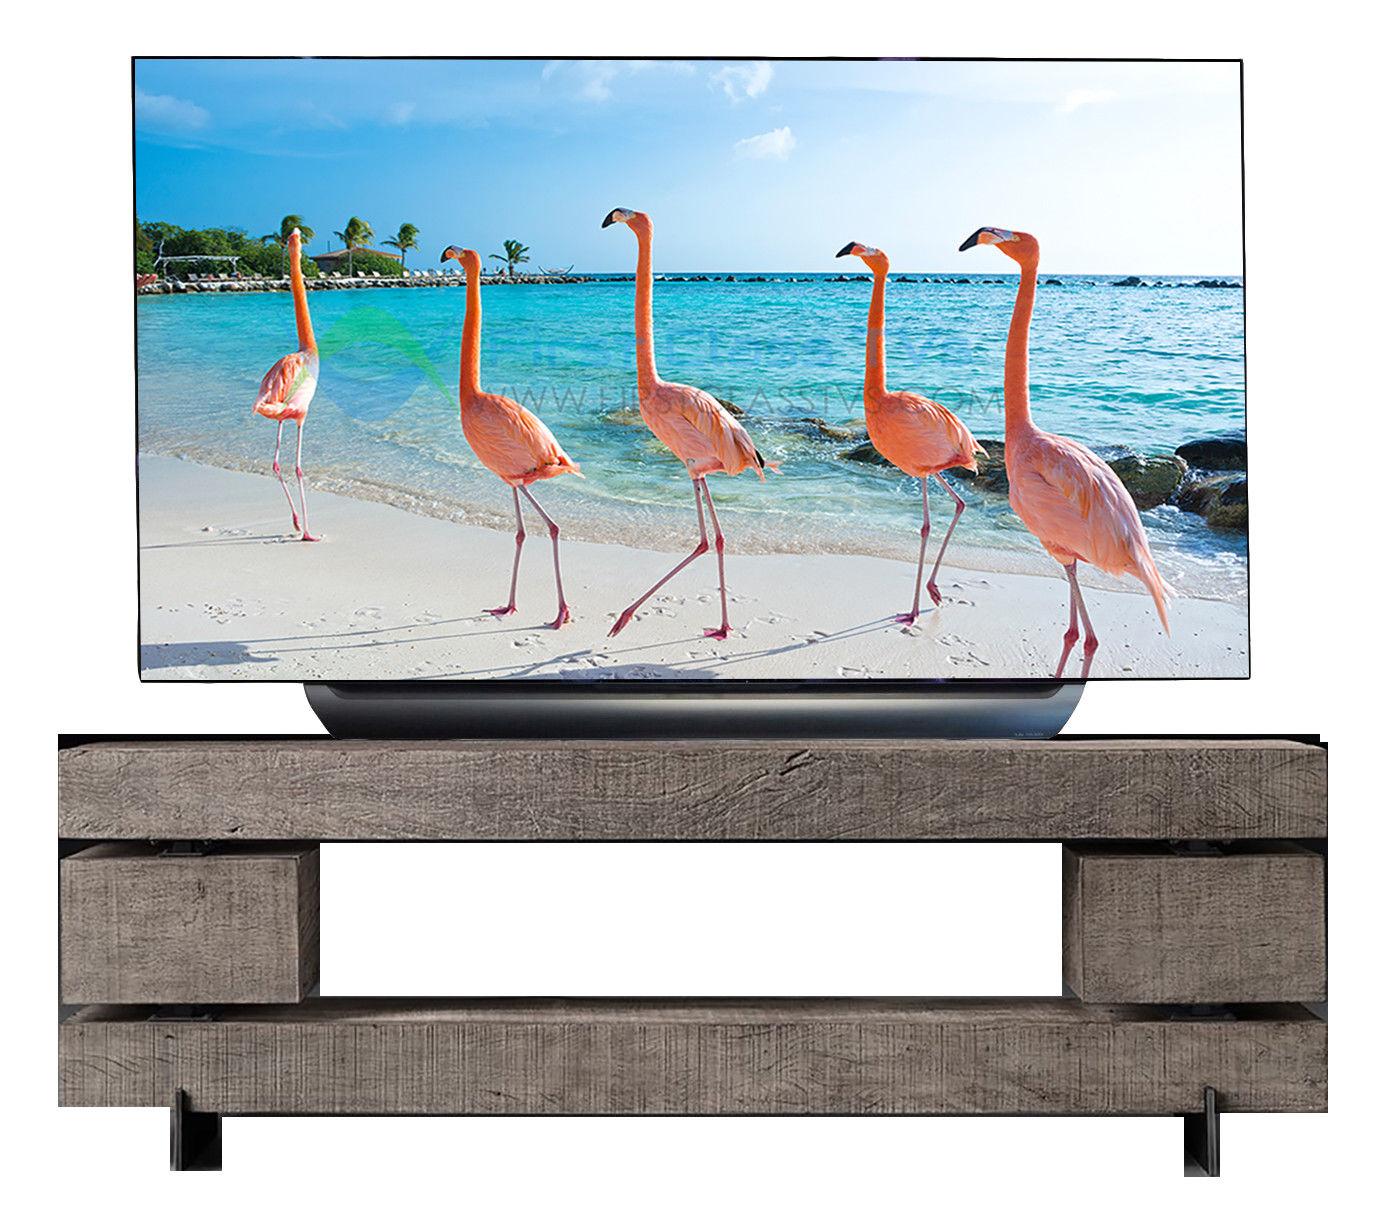 LG 77 OLEDC8 for $3399